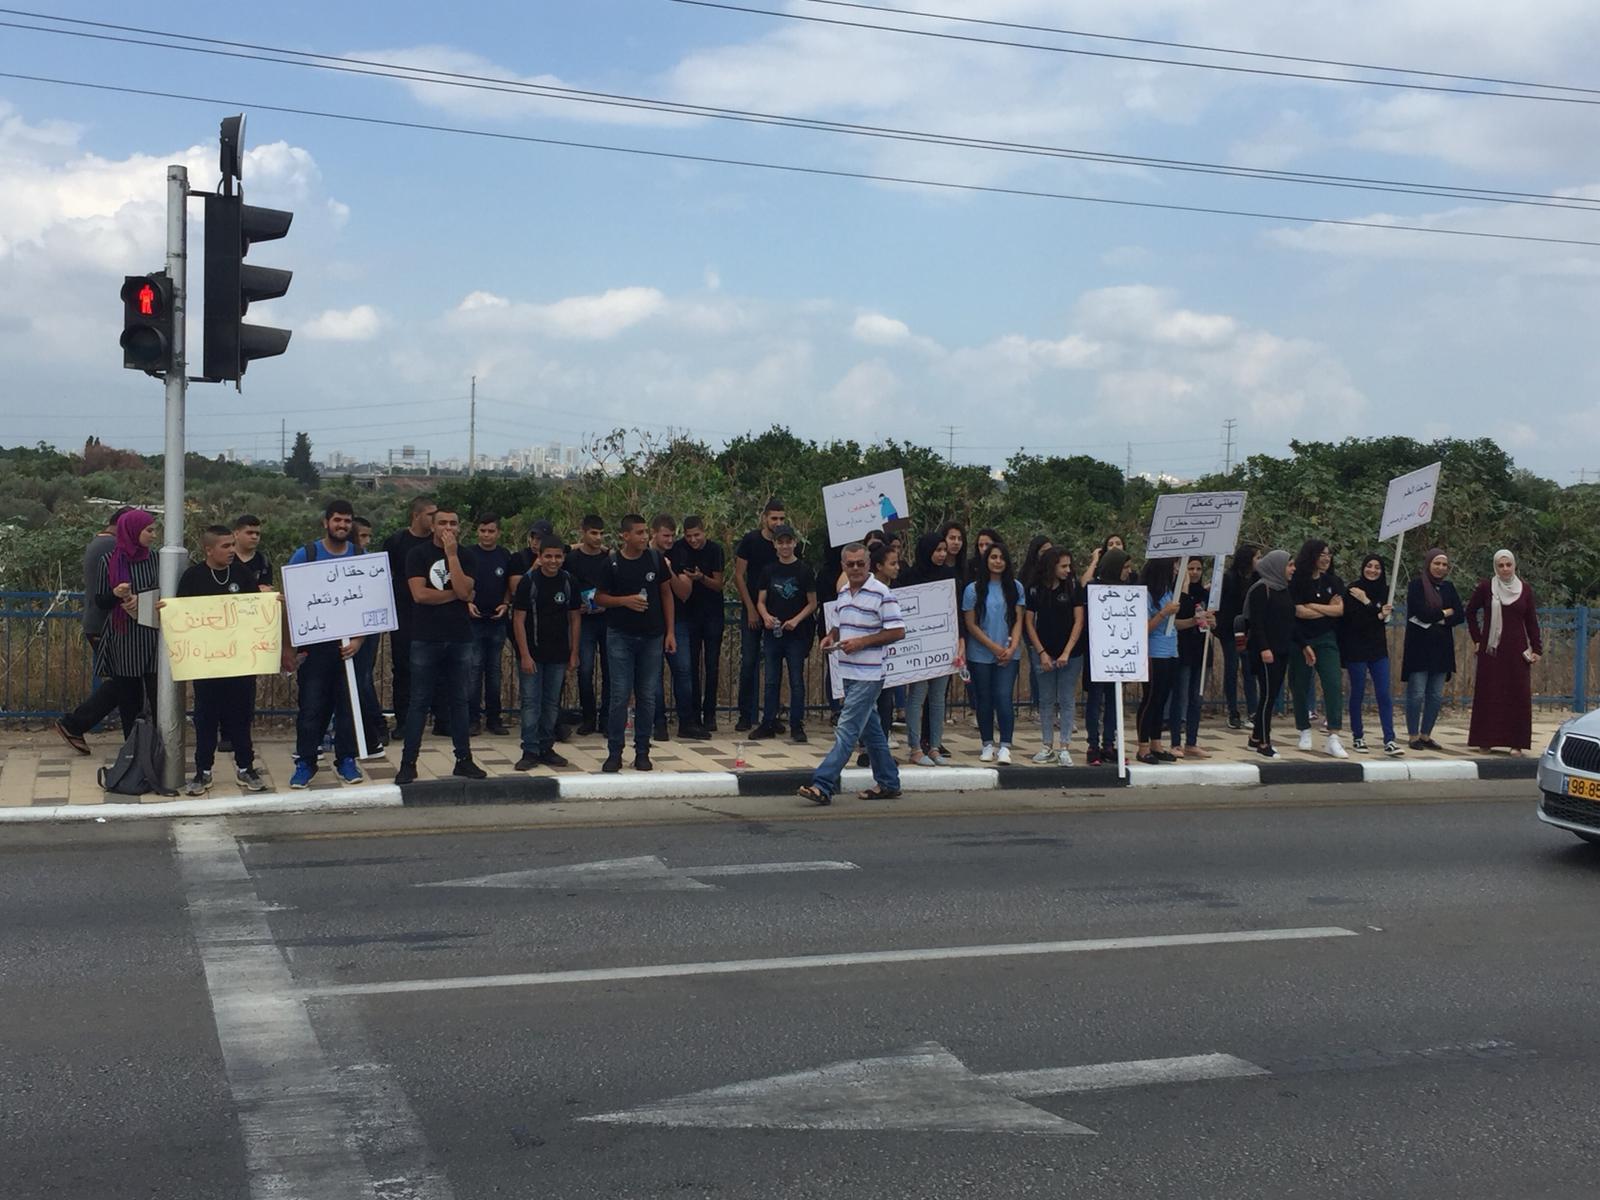 وقفة احتجاجية ضد العنف في جلجولية